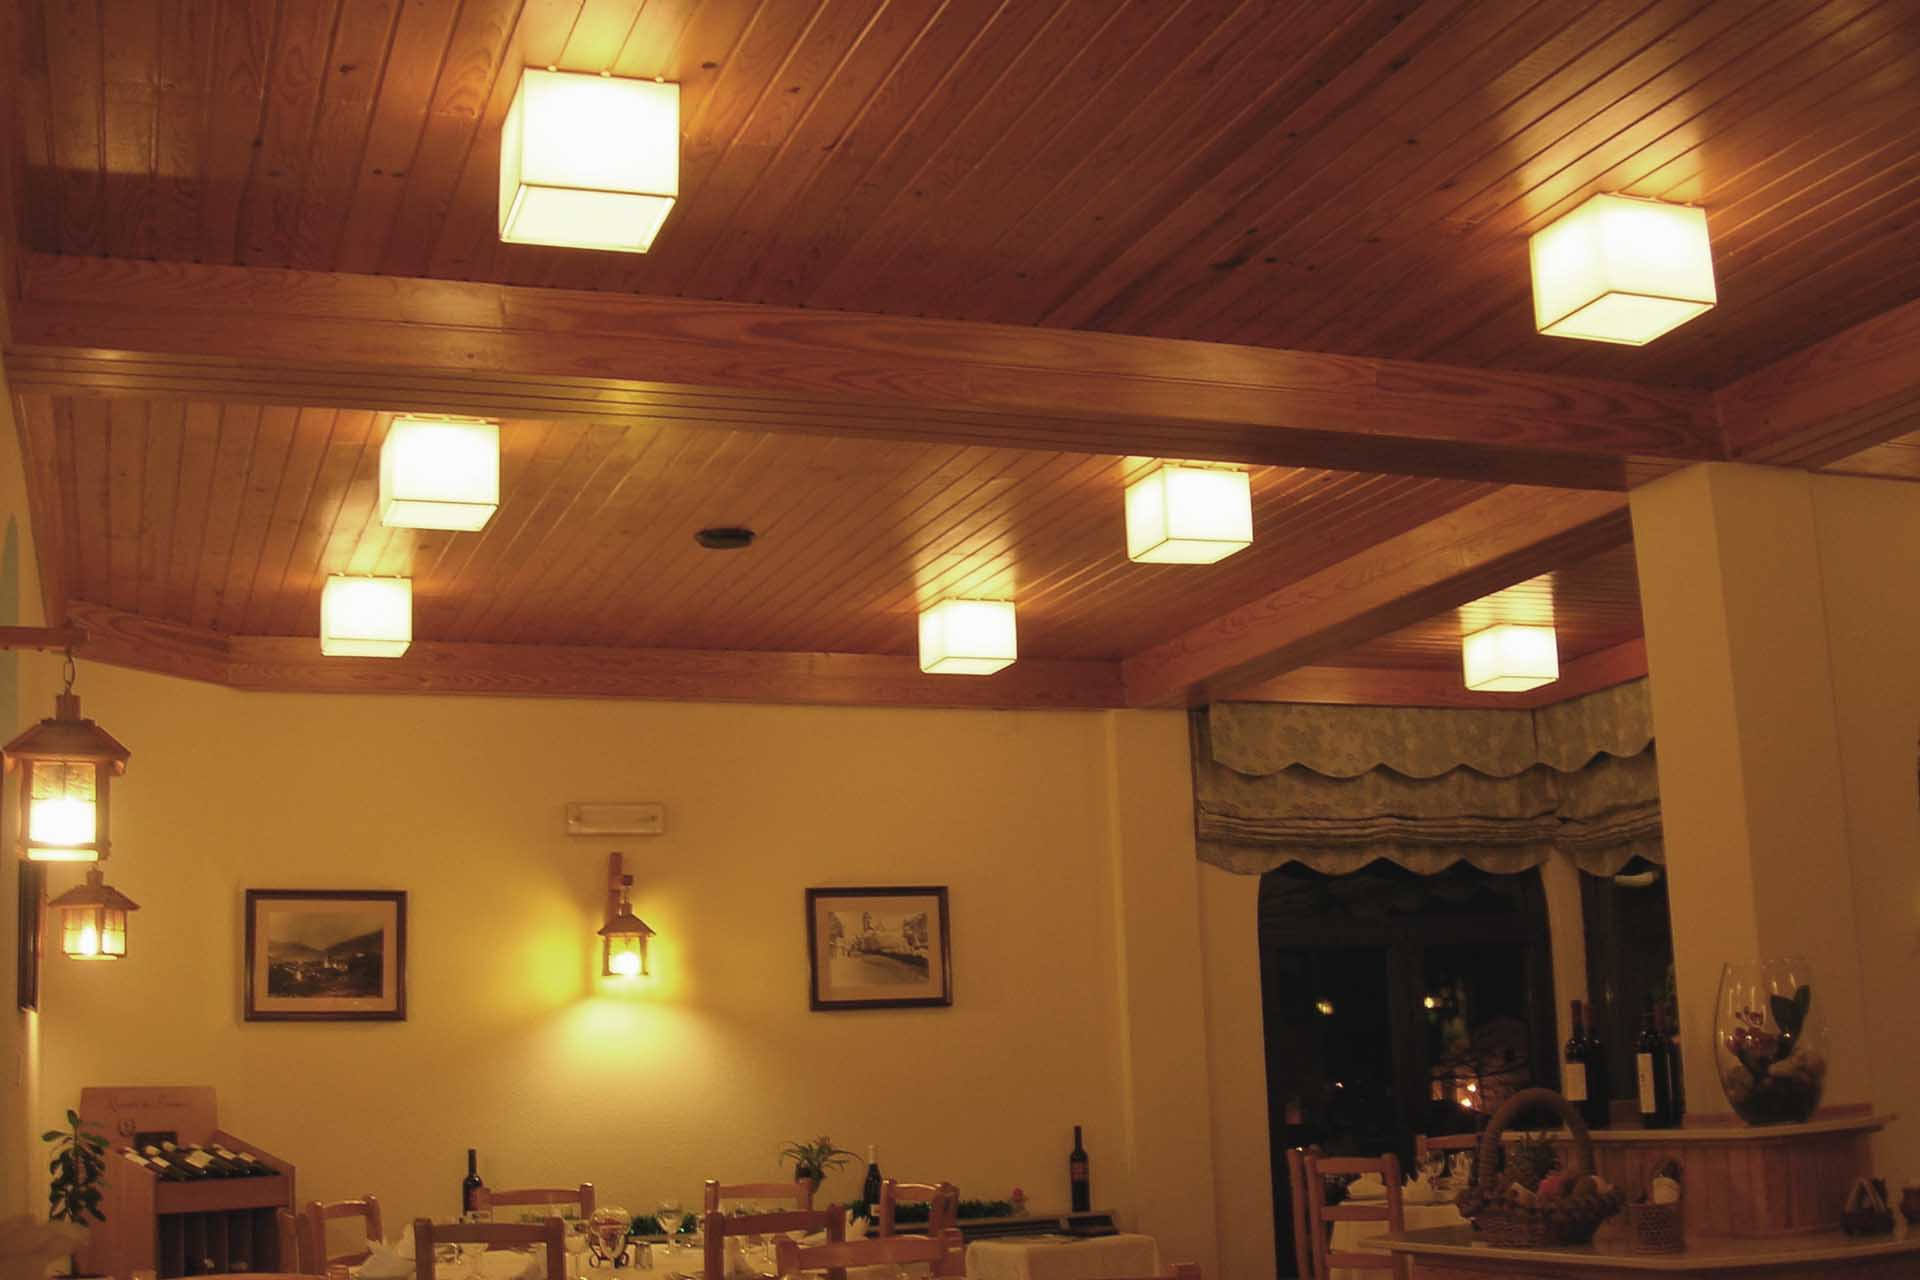 restaurante-4-1-1-1.jpg